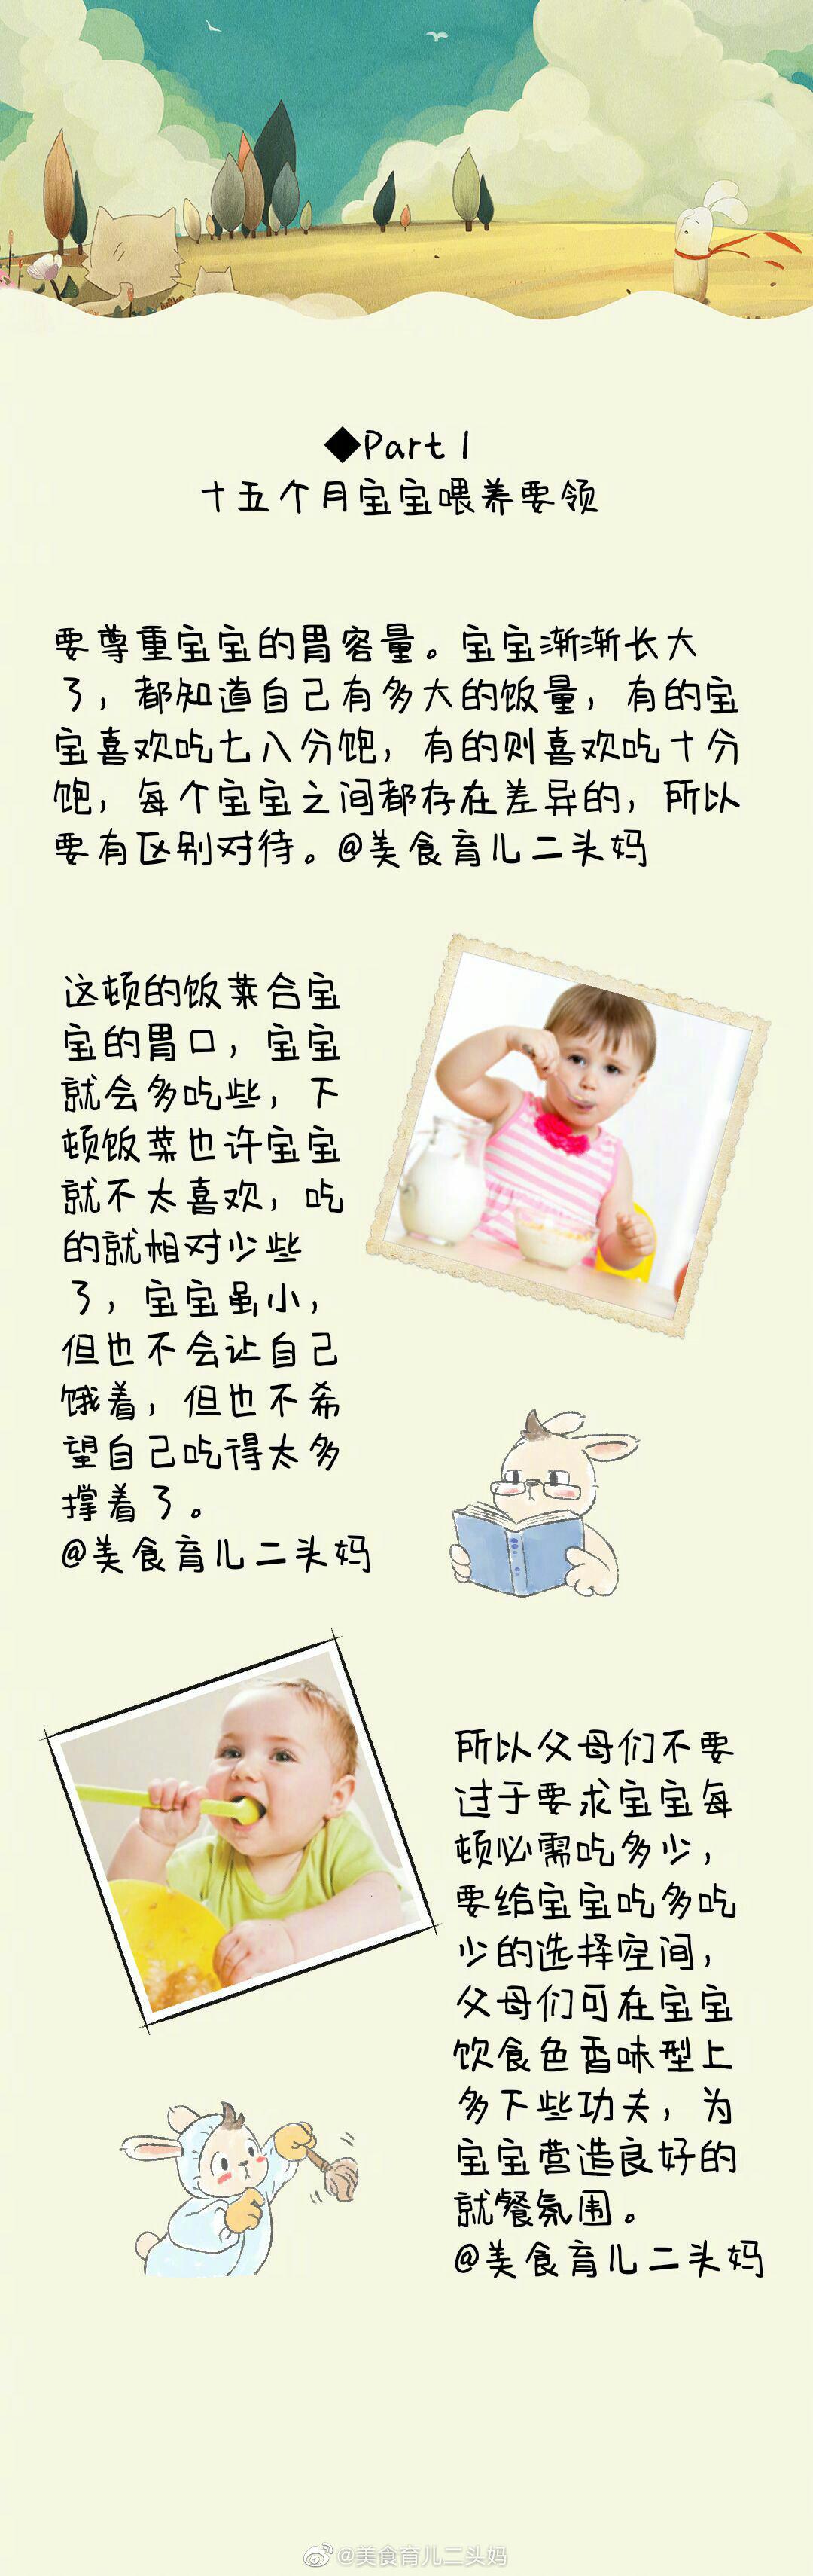 15-22月龄的宝宝喂养要领,每个月都不同哦,家长们一定要注意啦。